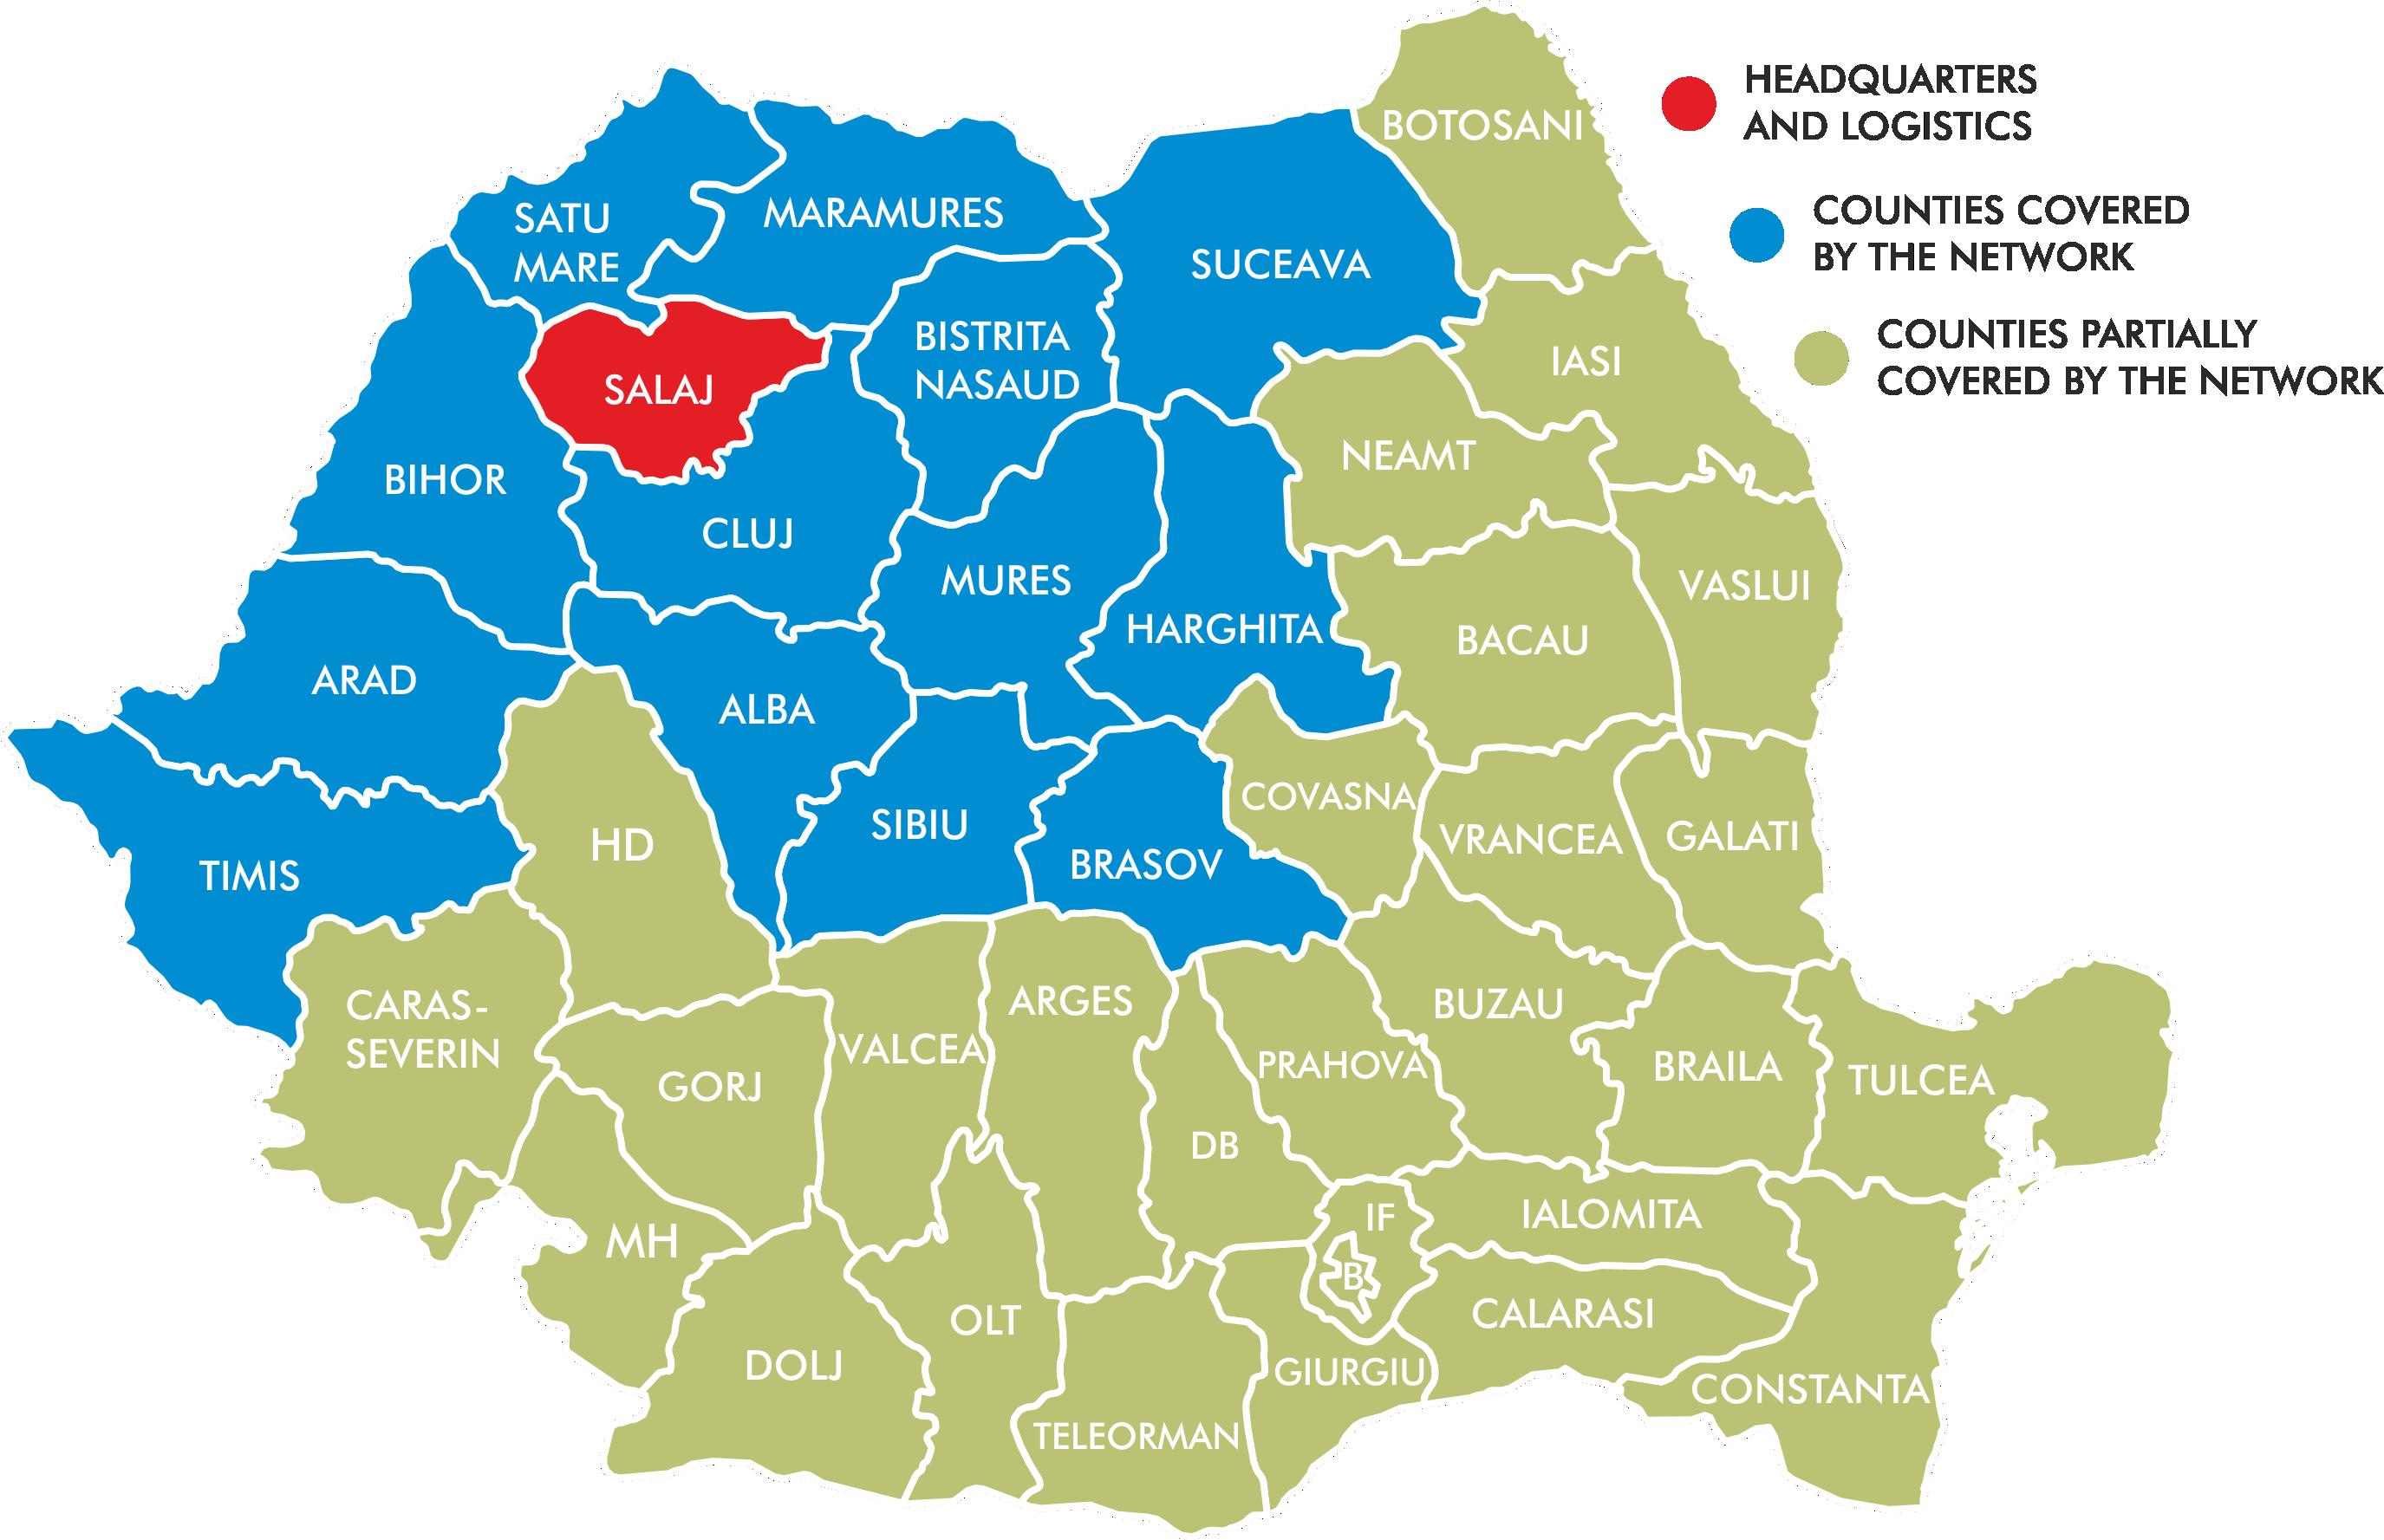 Harta Romaniei cu zonele în care Penta Media deține panouri publicitare